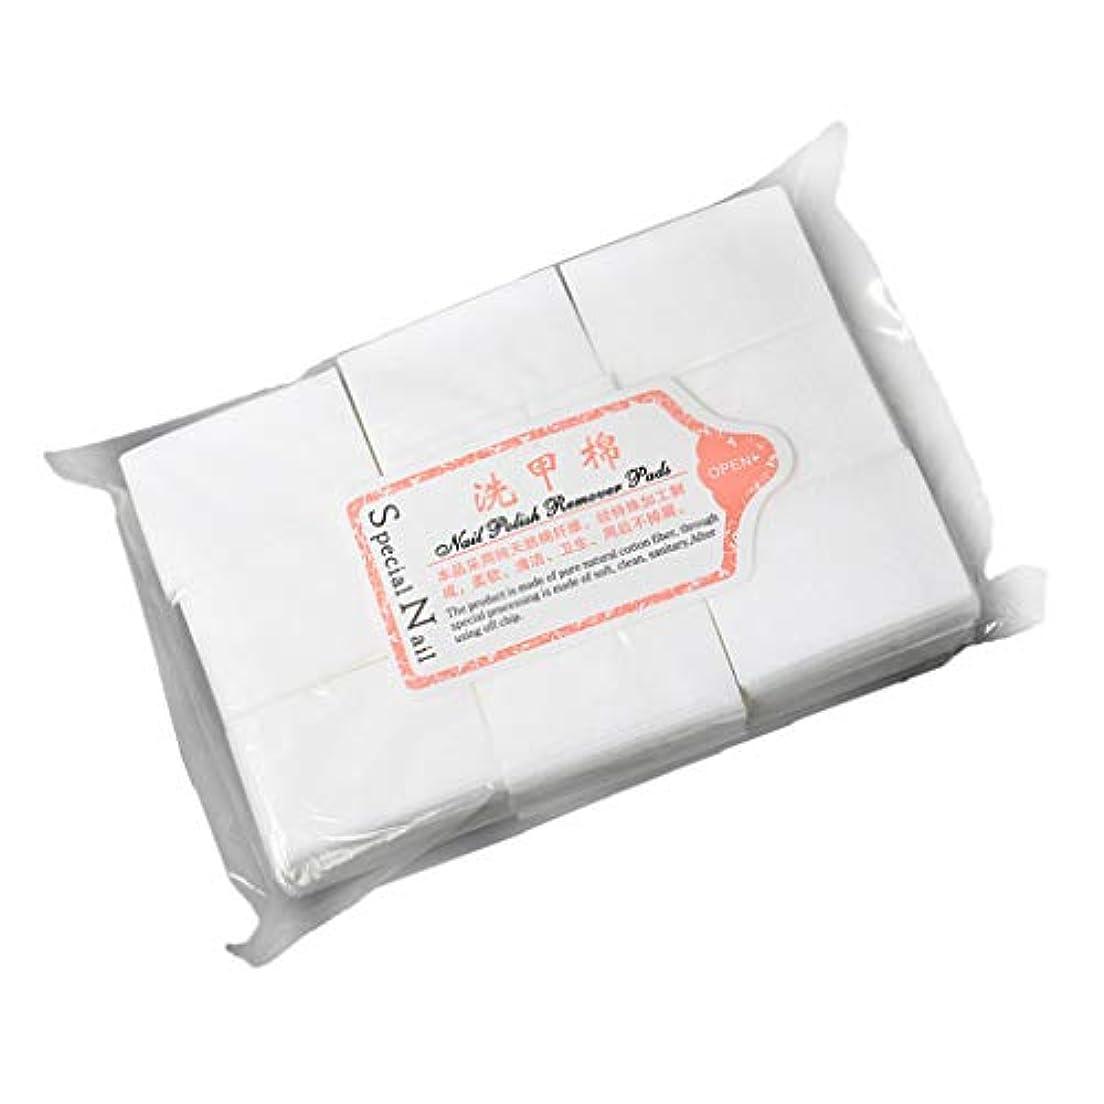 霧深い鮮やかなグリルP Prettyia ネイルアートジェルポリッシュ リムーバーワイプ 拭き取り 化粧品 コットンパッド